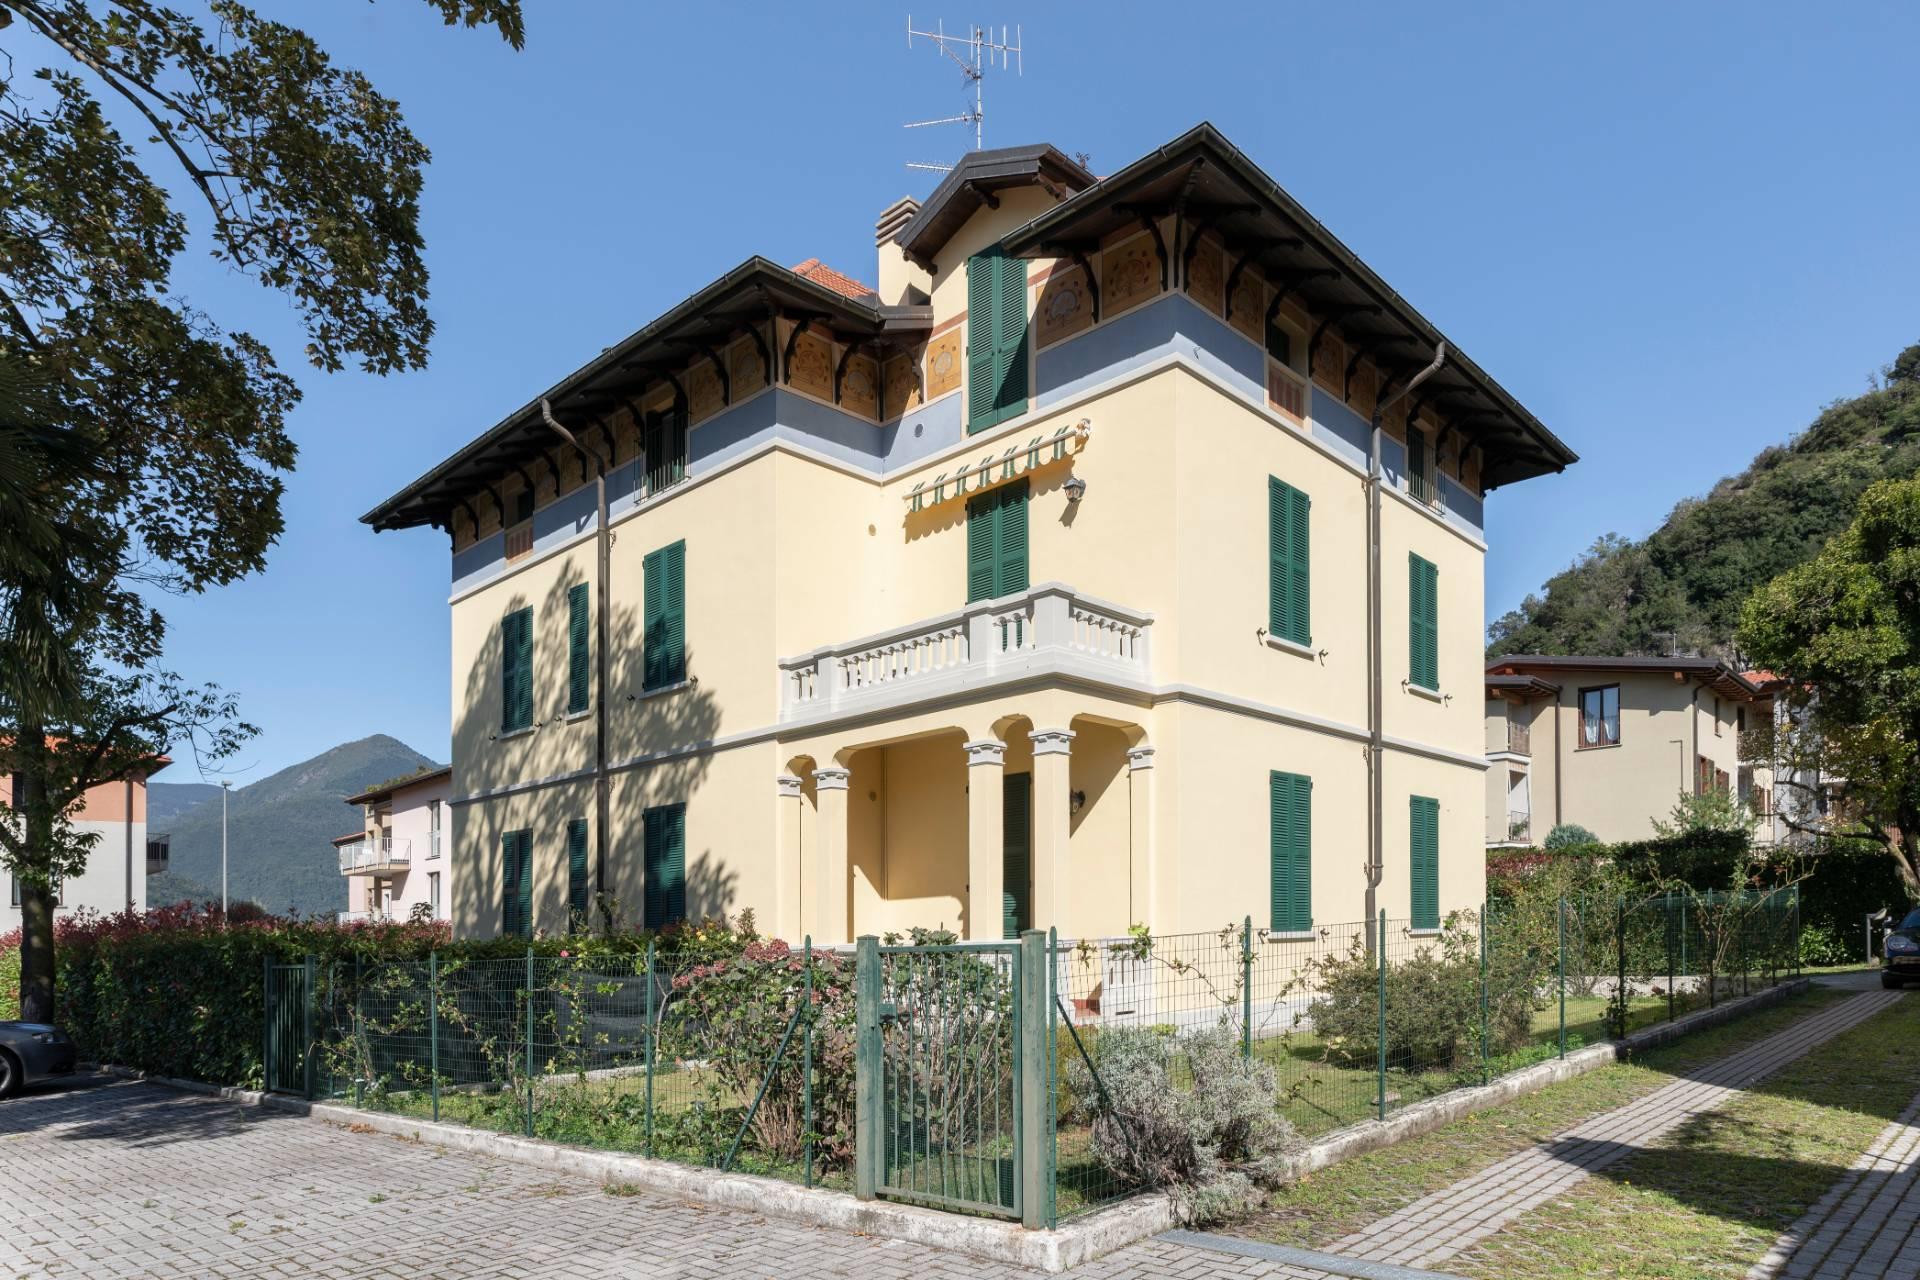 Appartamento in Vendita a Maccagno: 3 locali, 67 mq